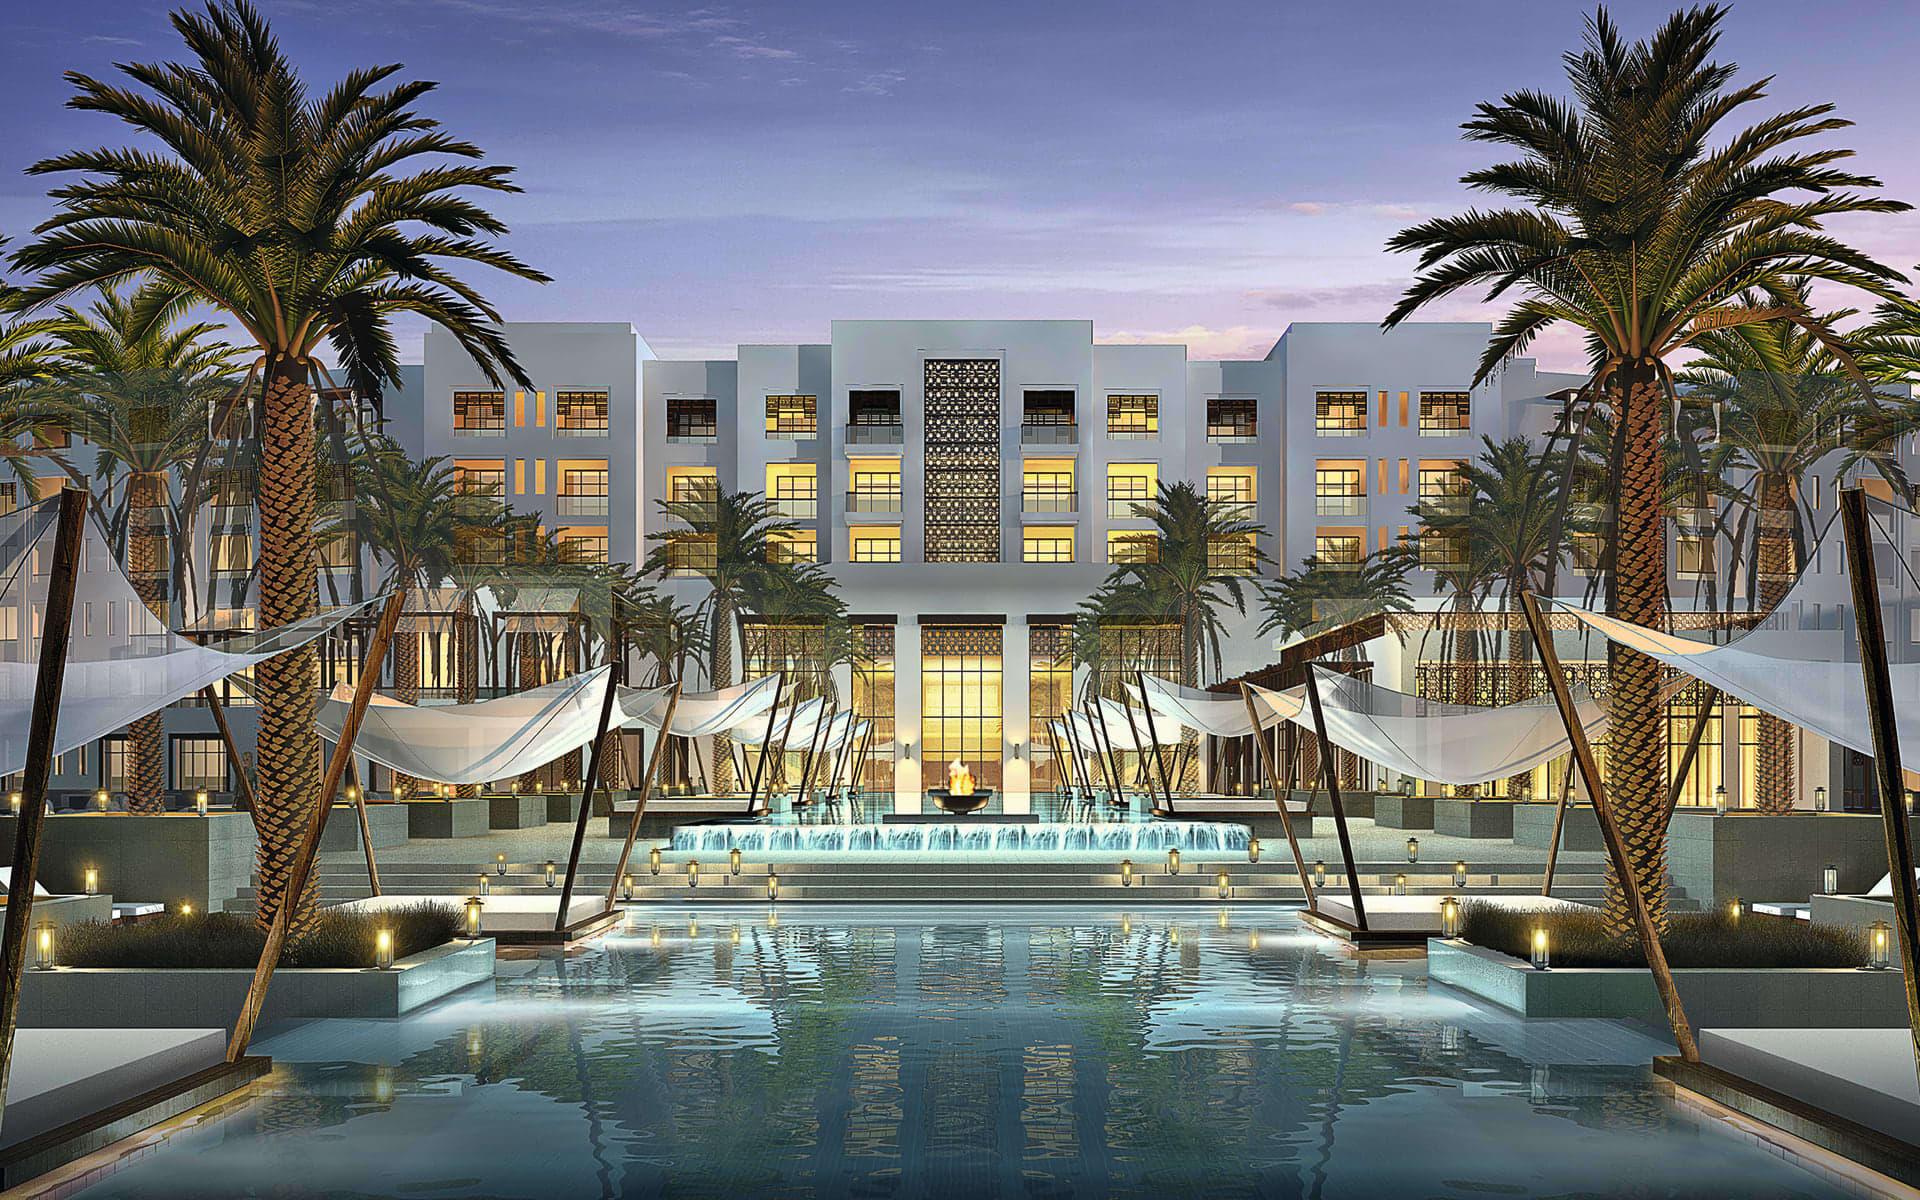 Park Hyatt Abu Dhabi Hotel & Villas: Park Hyatt Hotel & Villas - Aussenansicht über Poolanlage